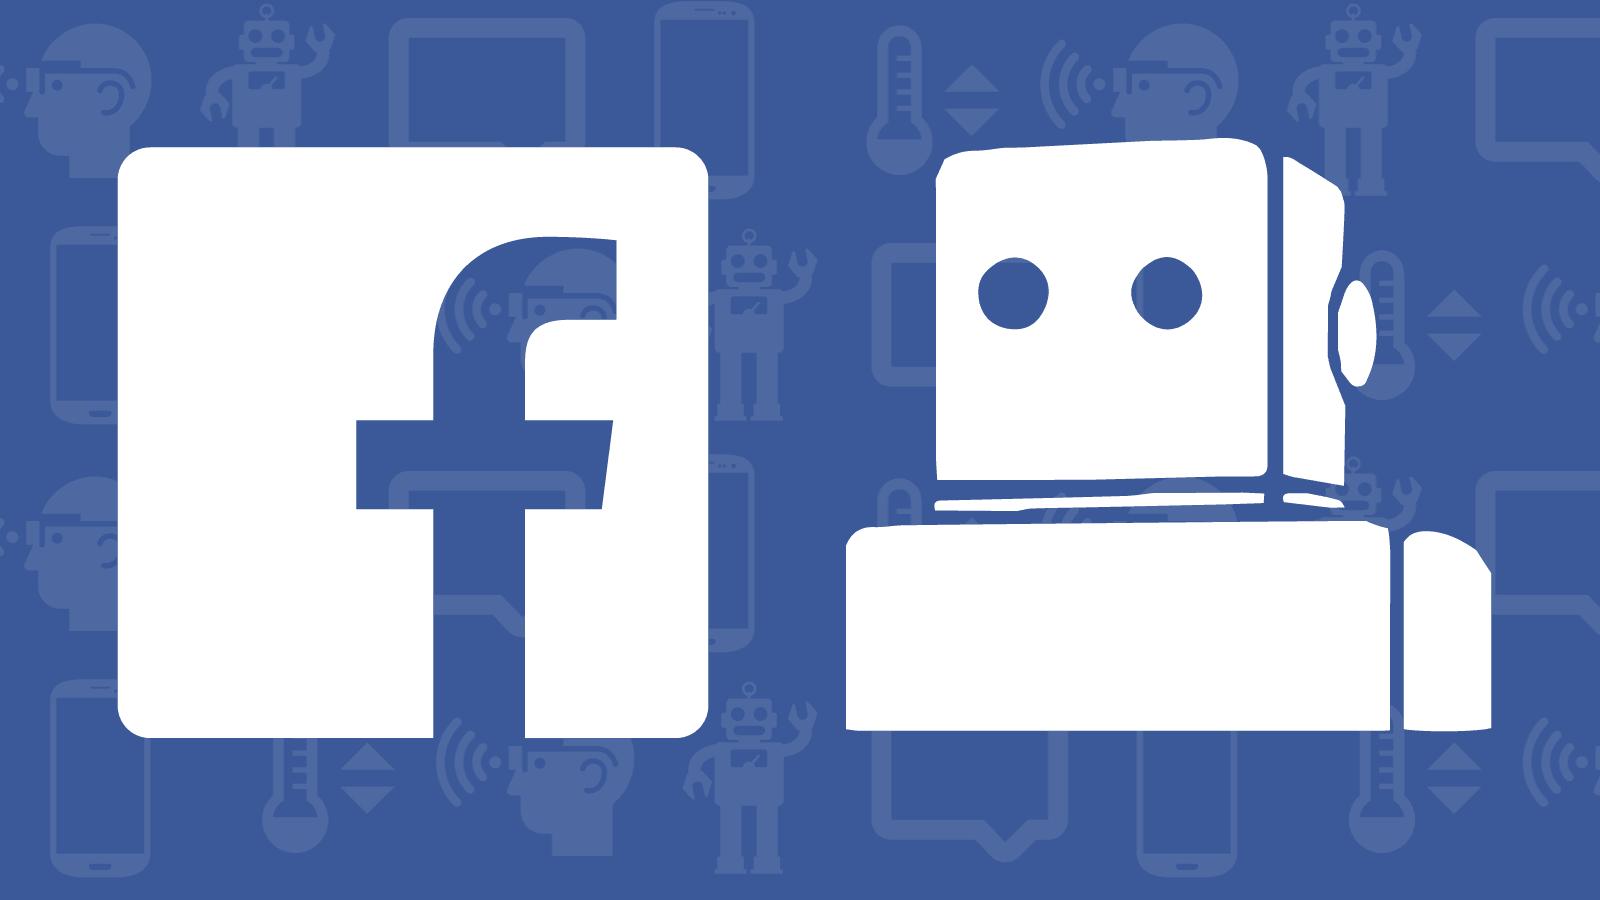 Sztuczna Inteligencja Facebooka odciąża programistów. Czekają nas zmiany na rynku pracy? 15